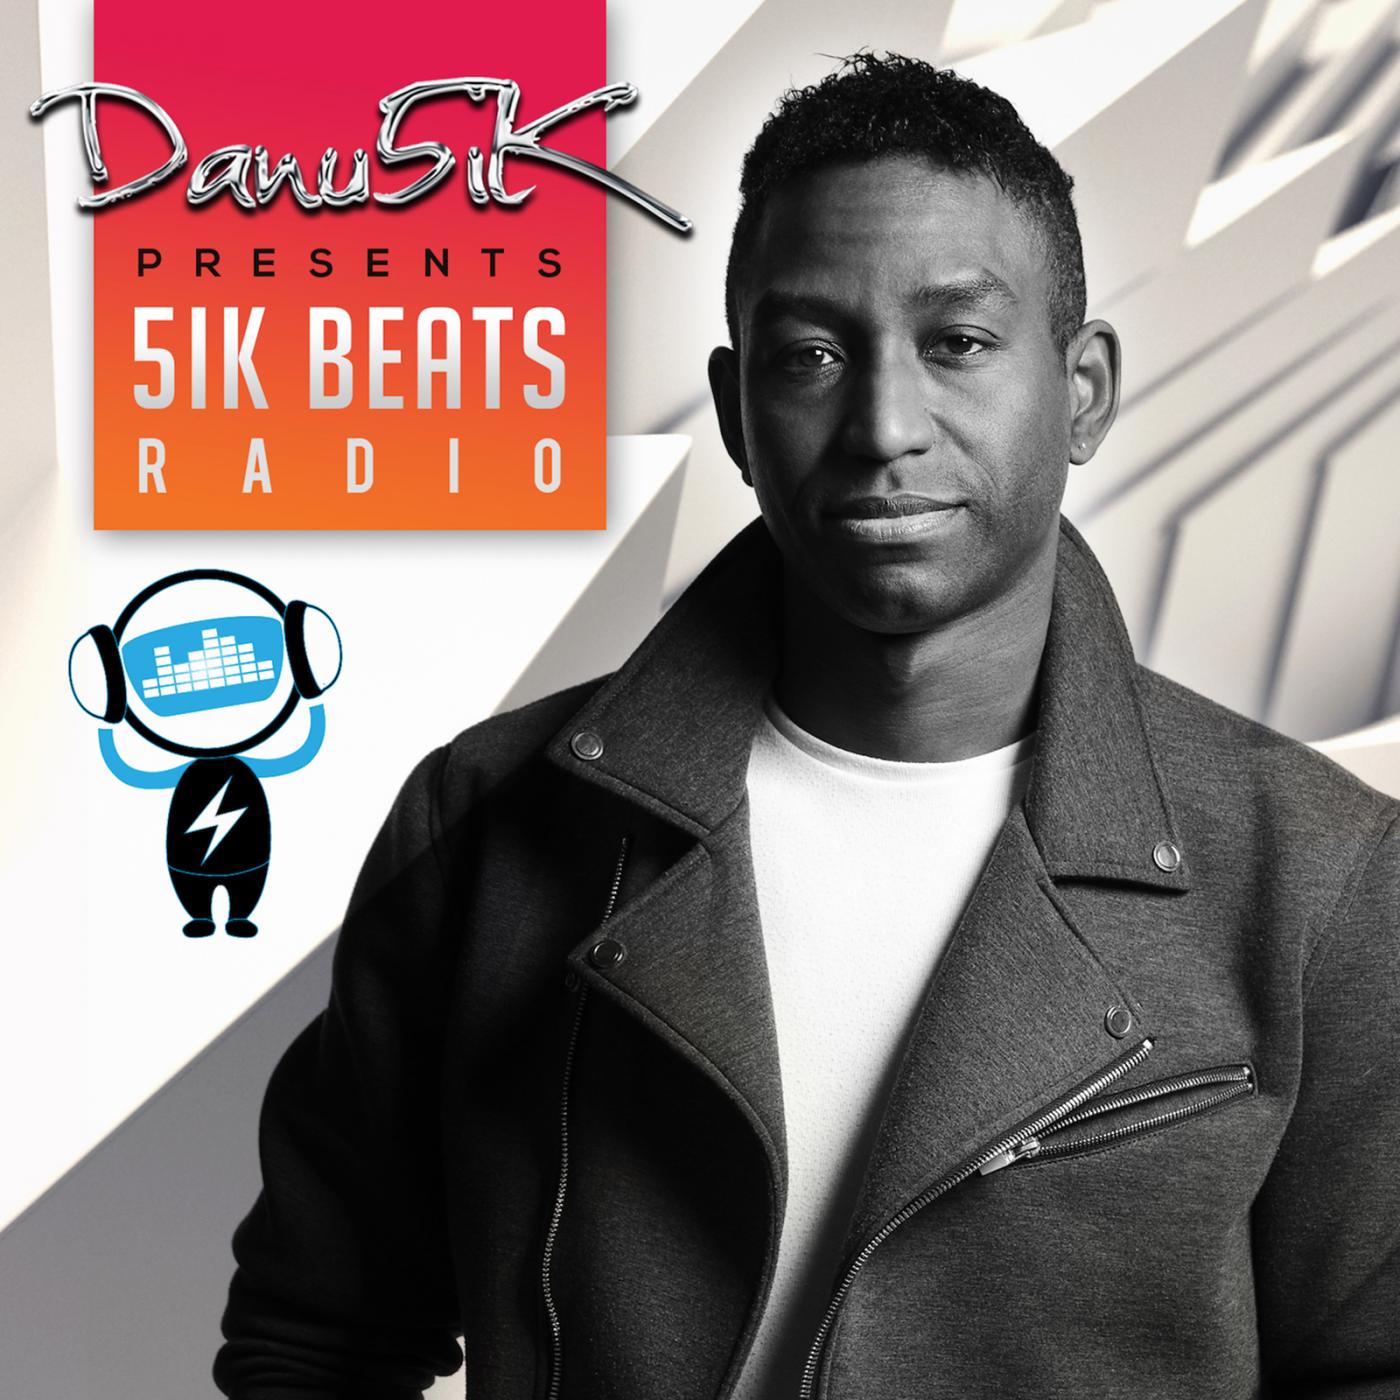 5ik Beats Radio 103 | Danu5ik